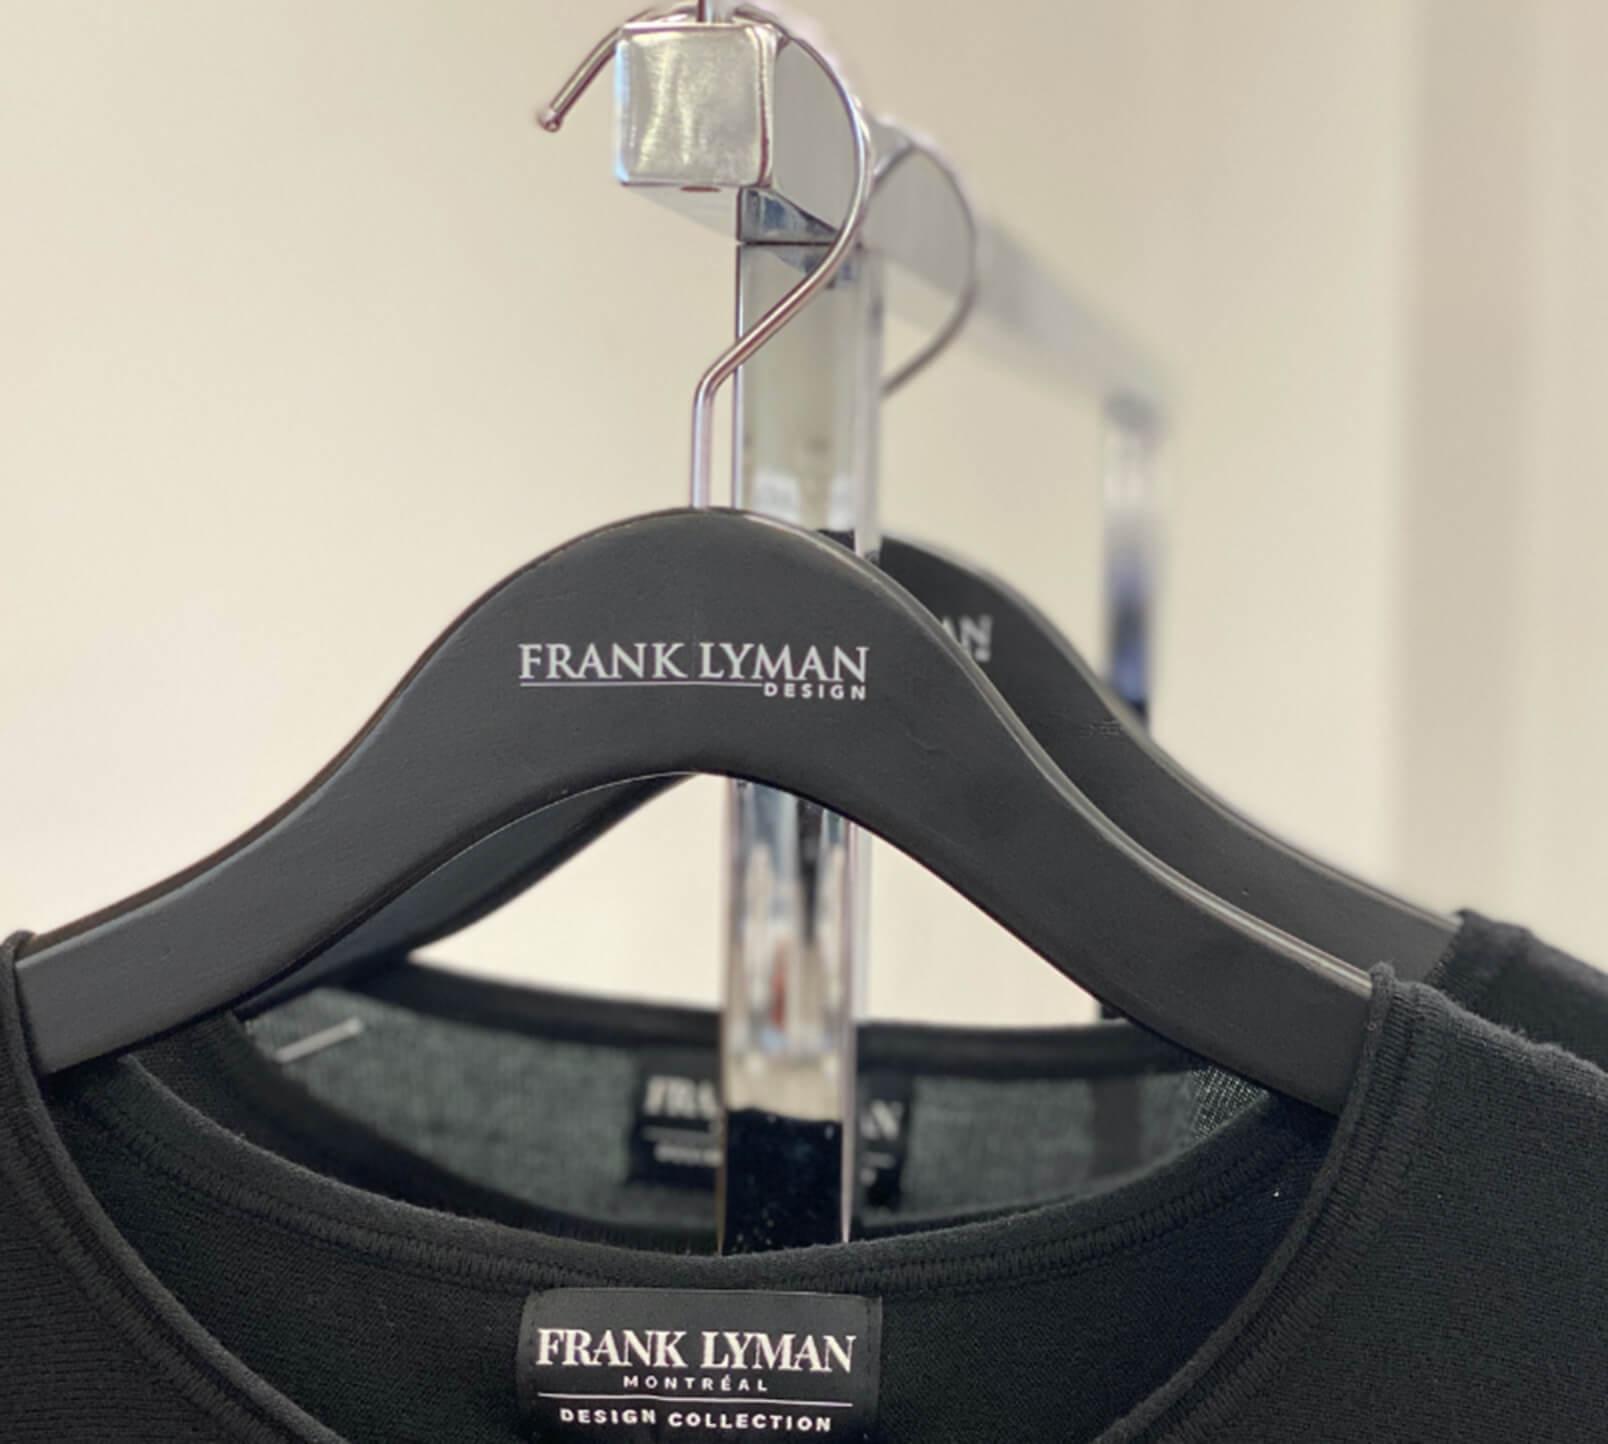 Image de vêtement de Frank Lyman